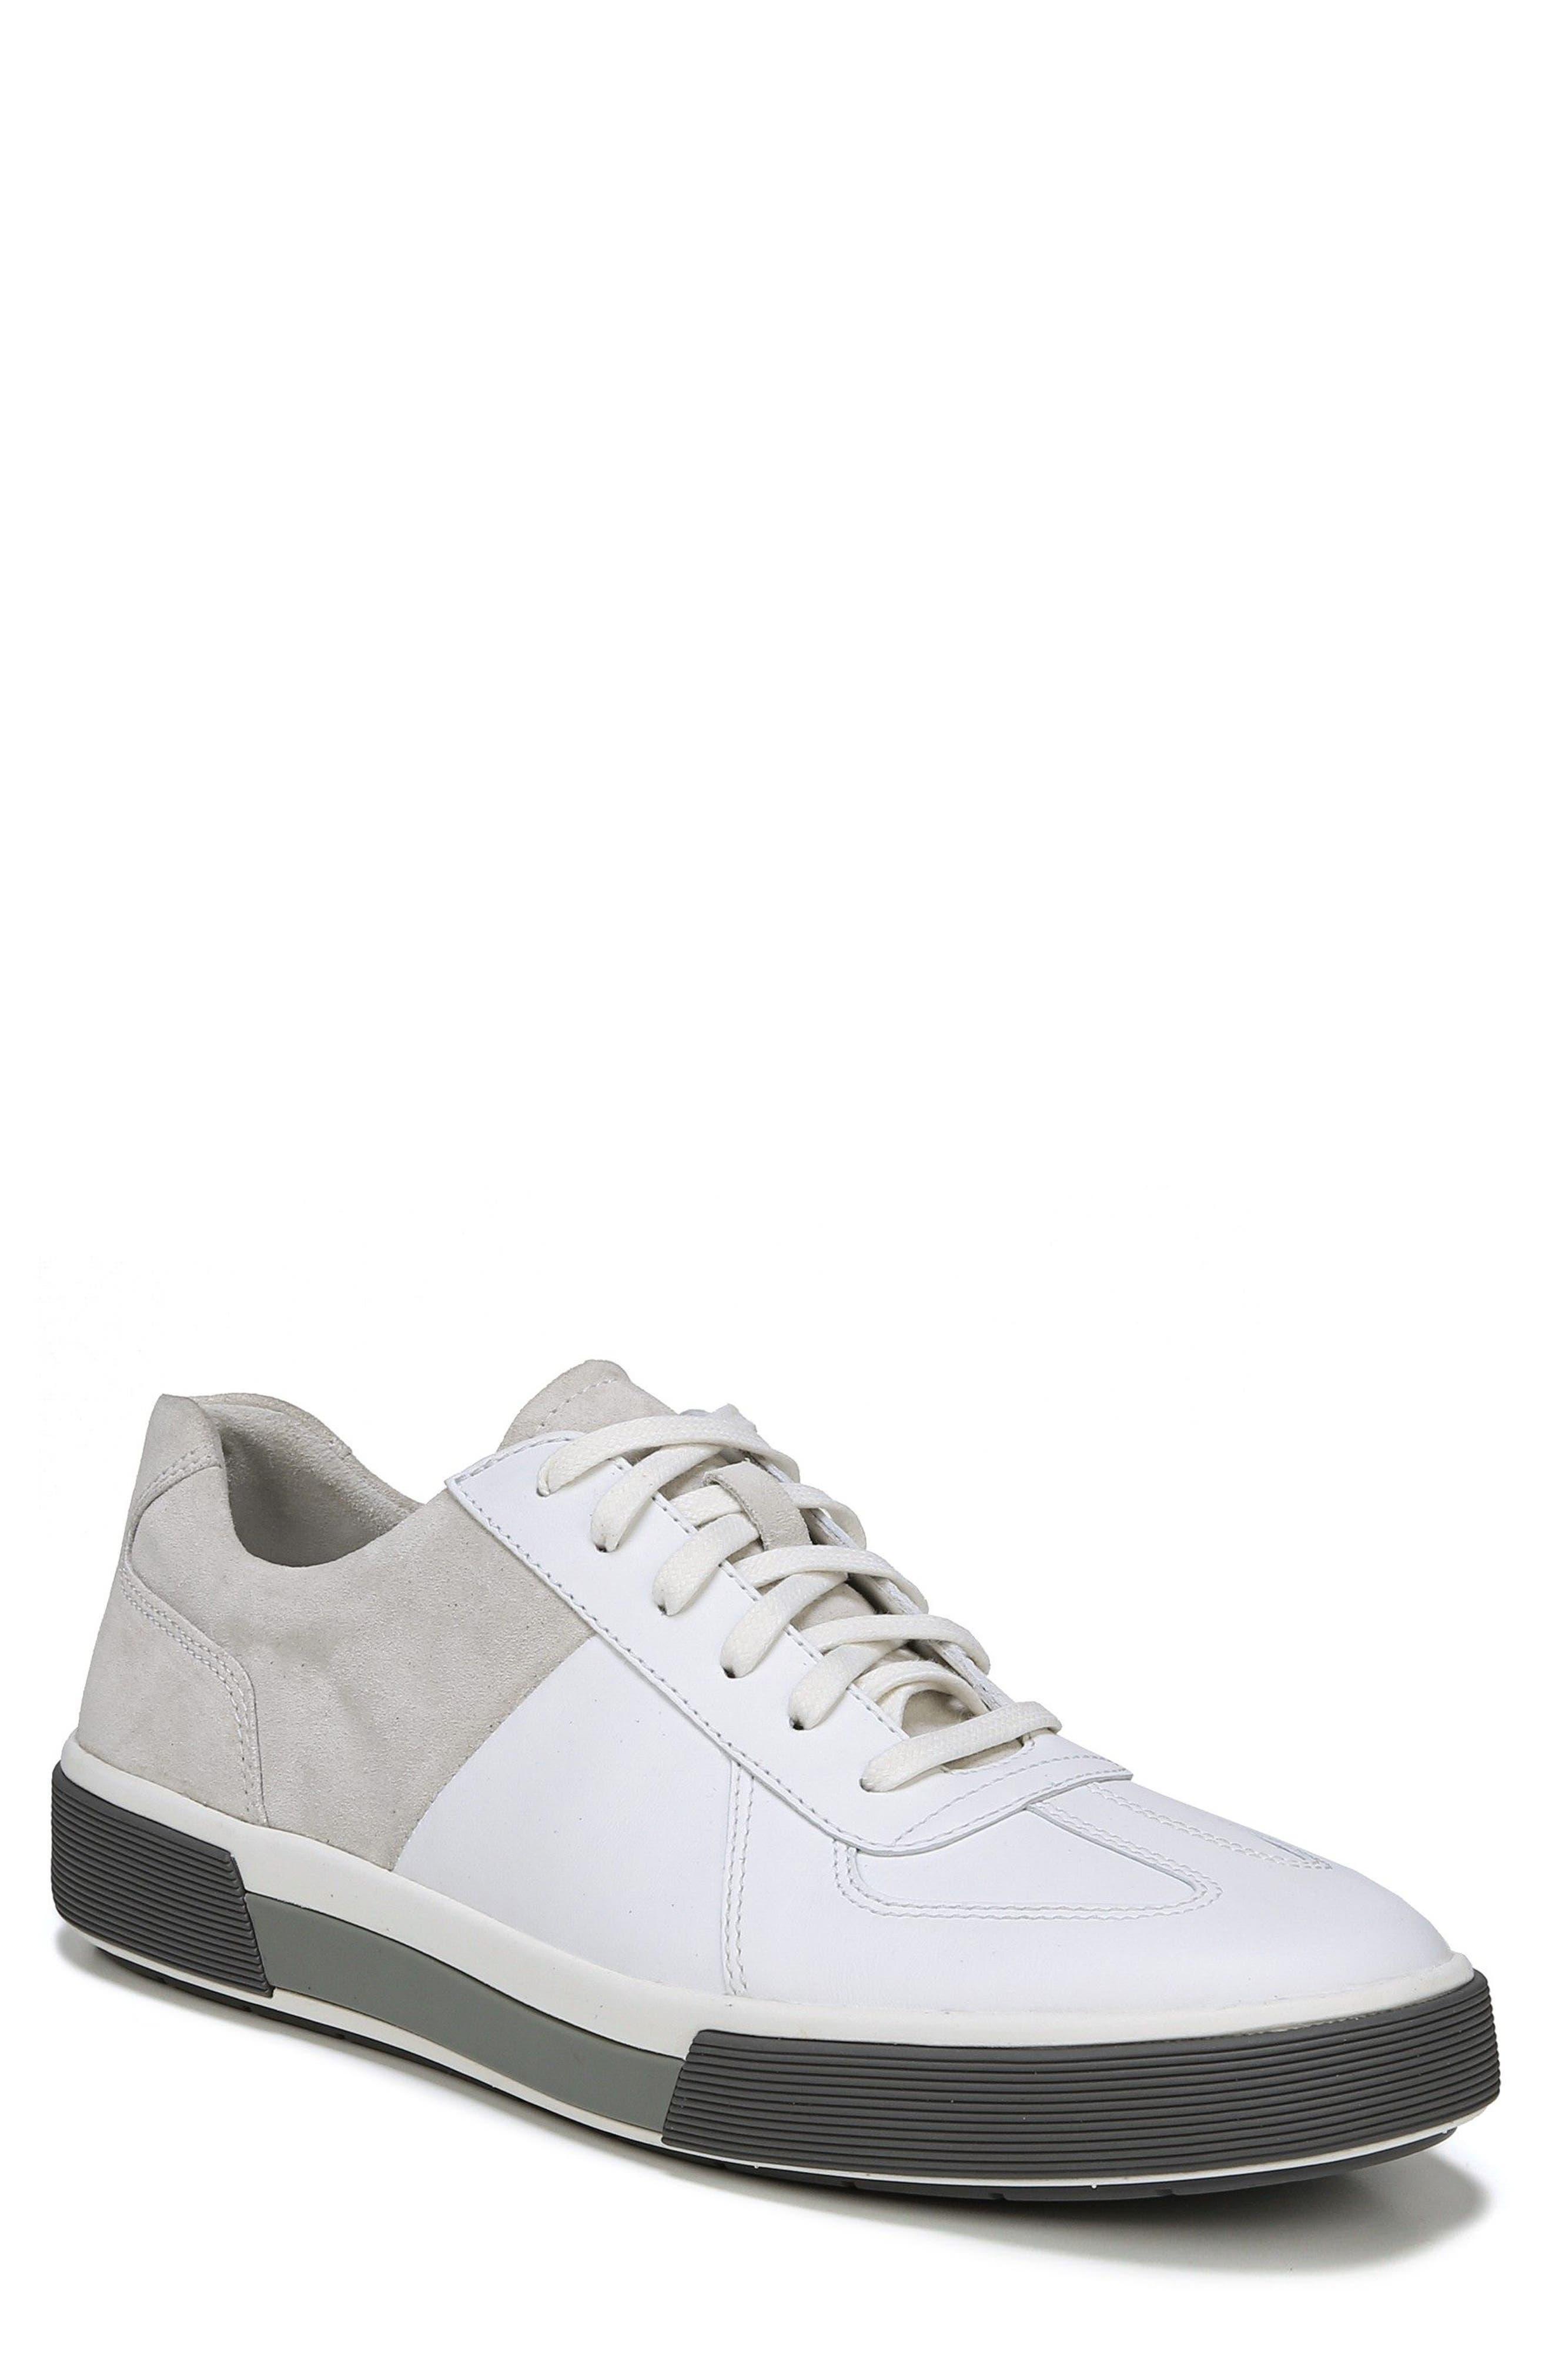 Vince | Rogue Low Top Sneaker